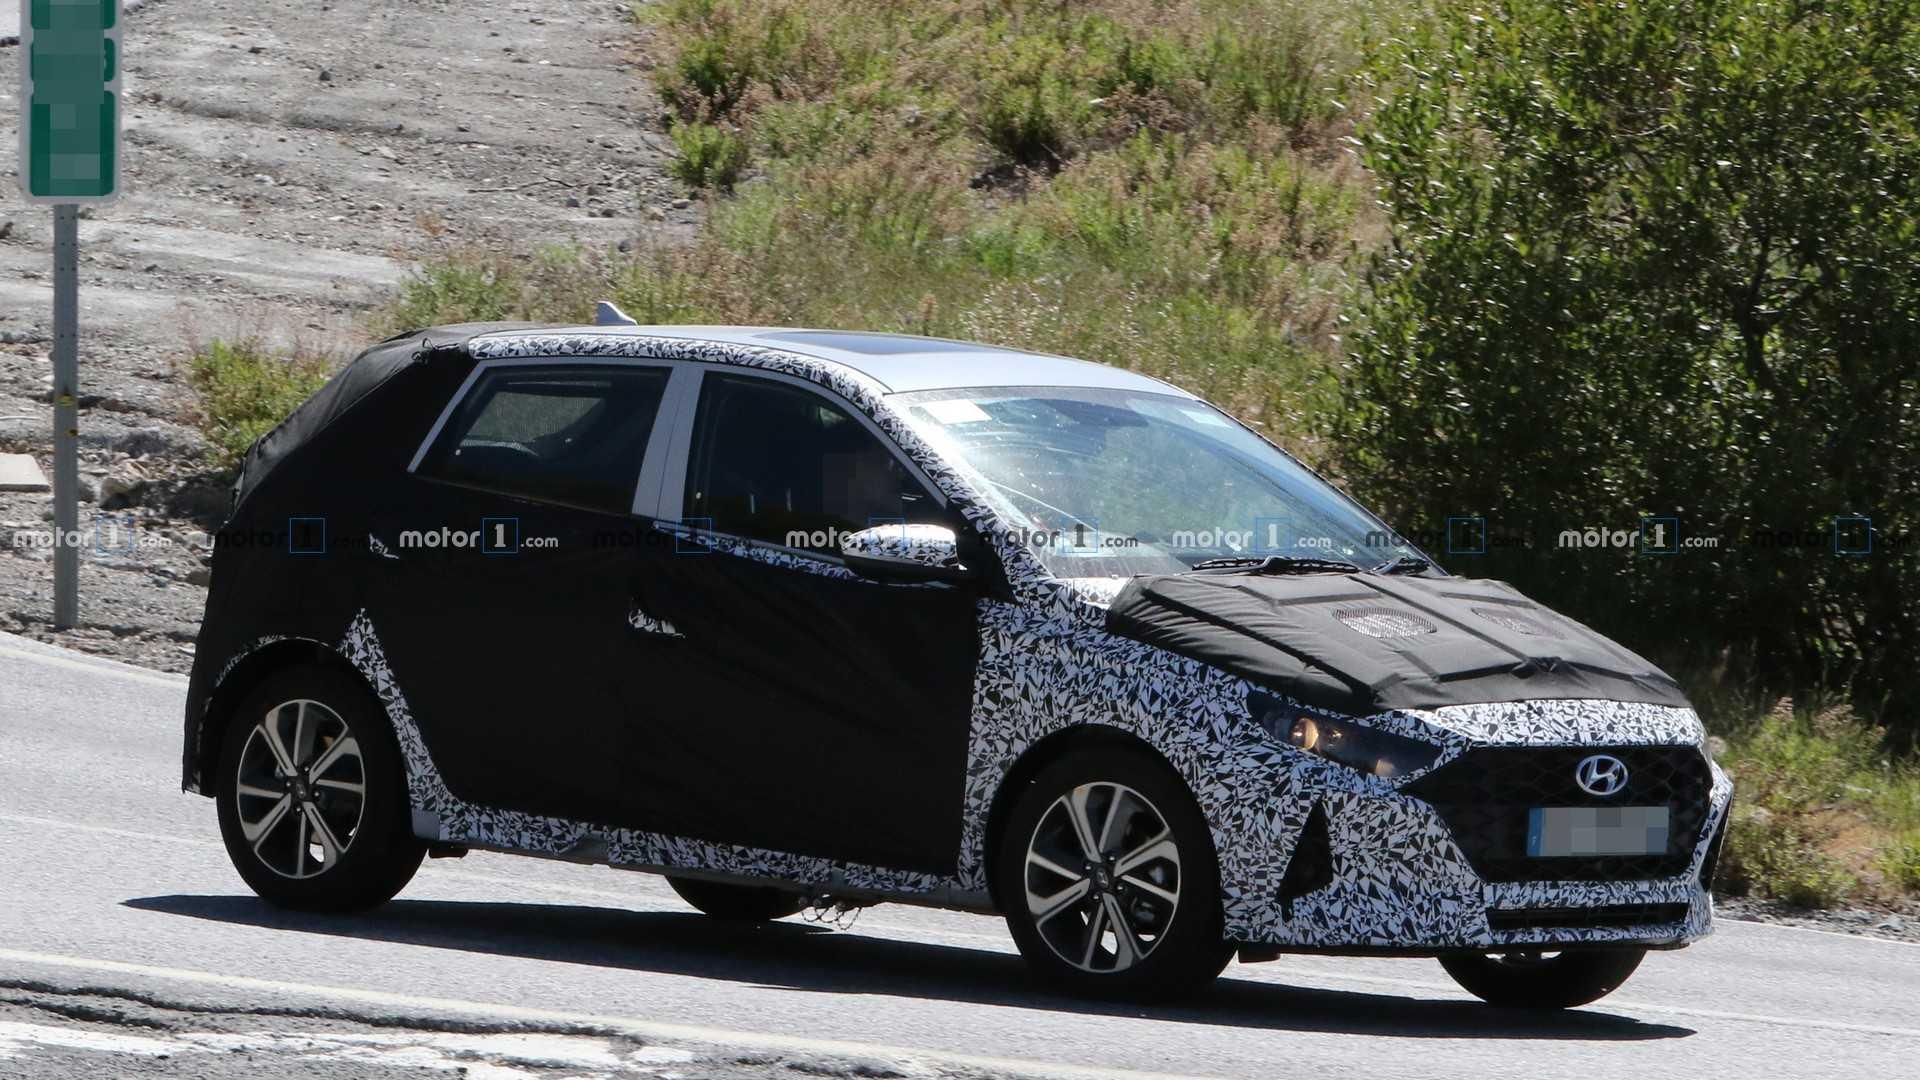 نسل جدید هیوندای i10 در حال تست های جاده ای دیده شد (+عکس)